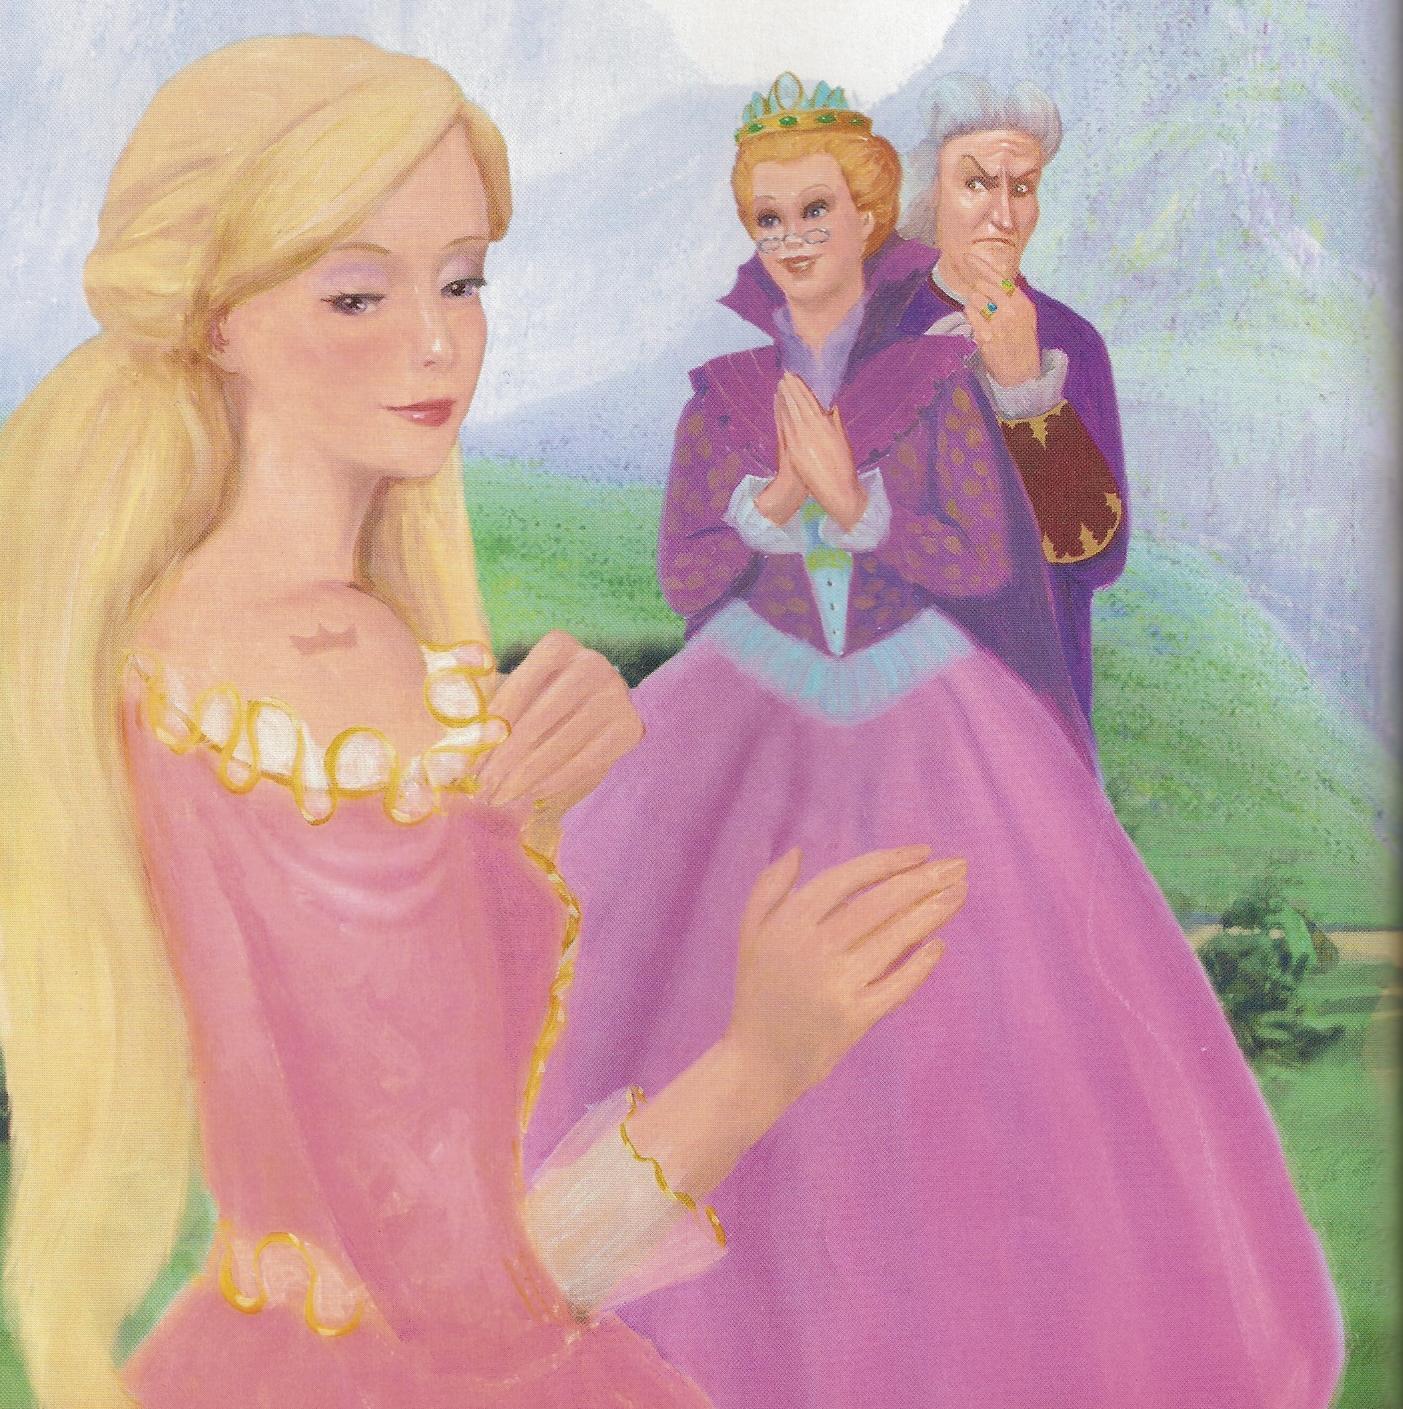 Принцесса и нищенка порно 5 фотография